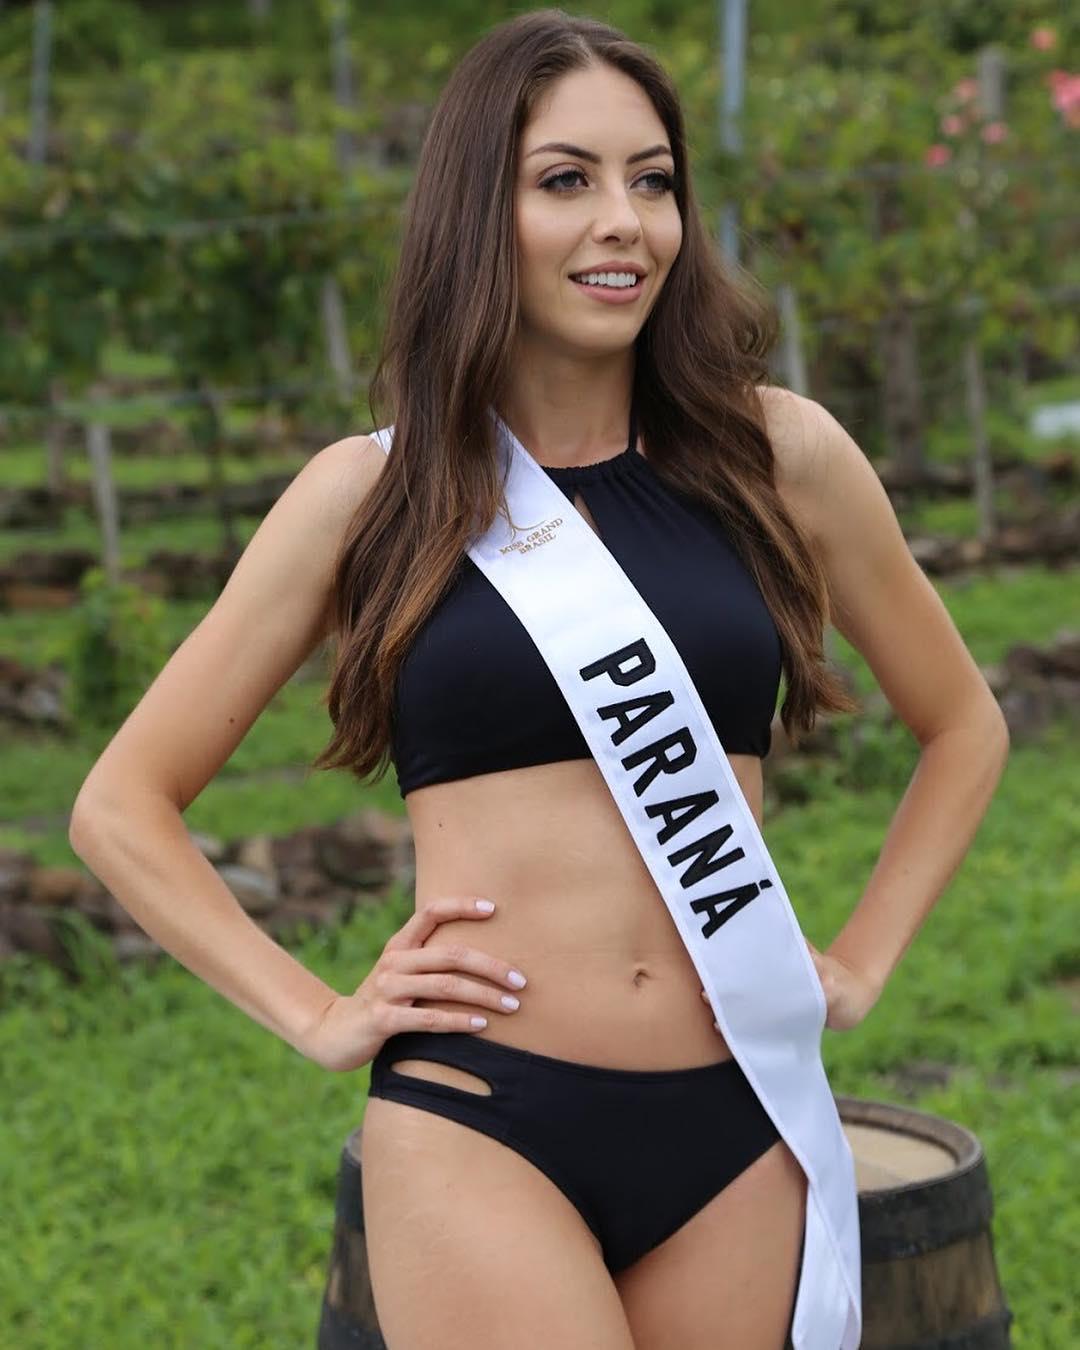 sao paulo vence miss grand brasil 2019. - Página 2 3wndqmxe